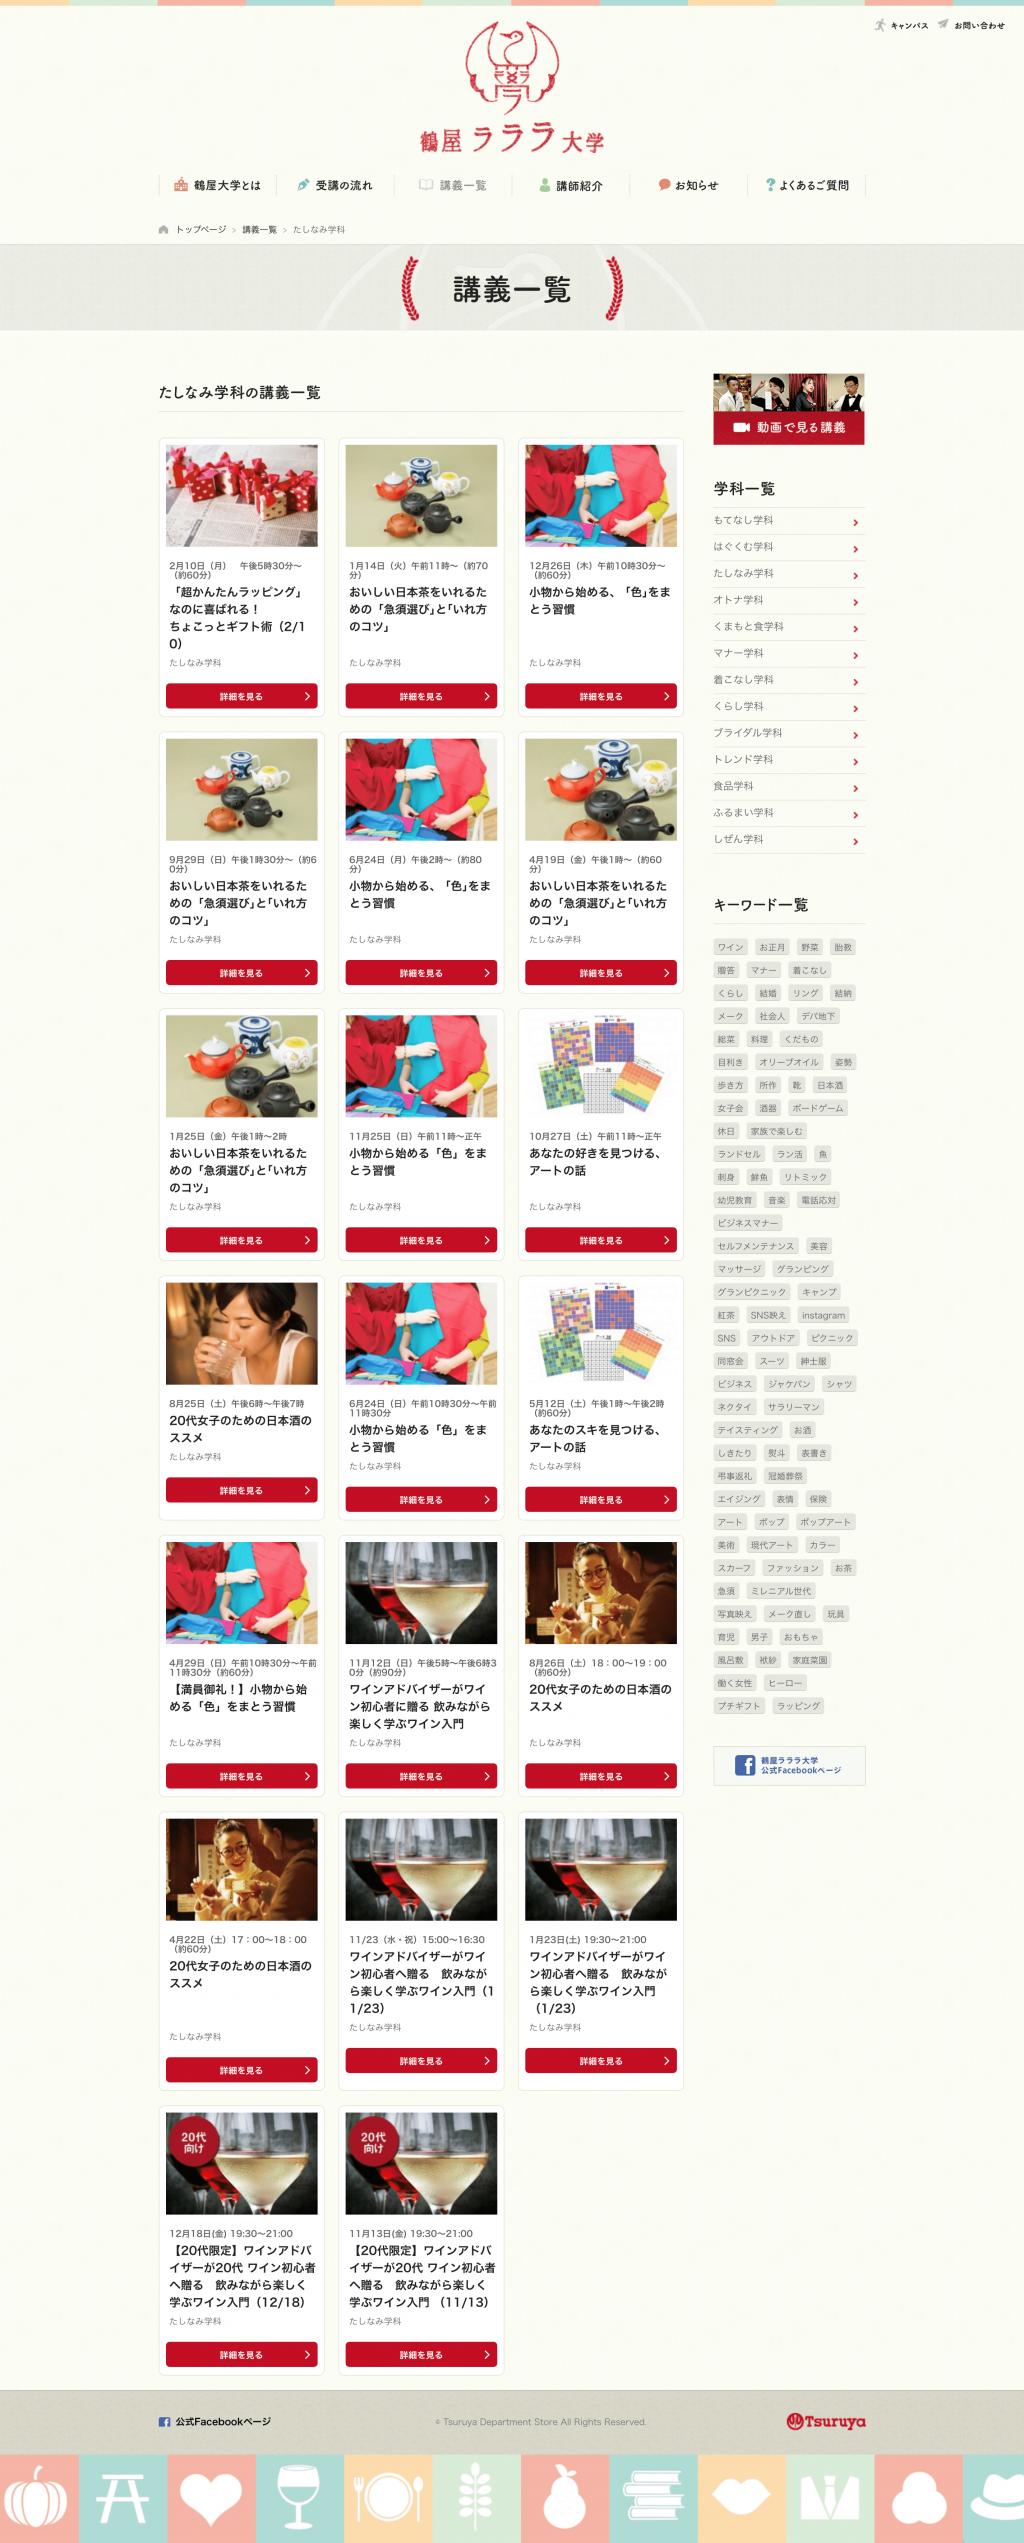 鶴屋ラララ大学サイトのパソコン表示